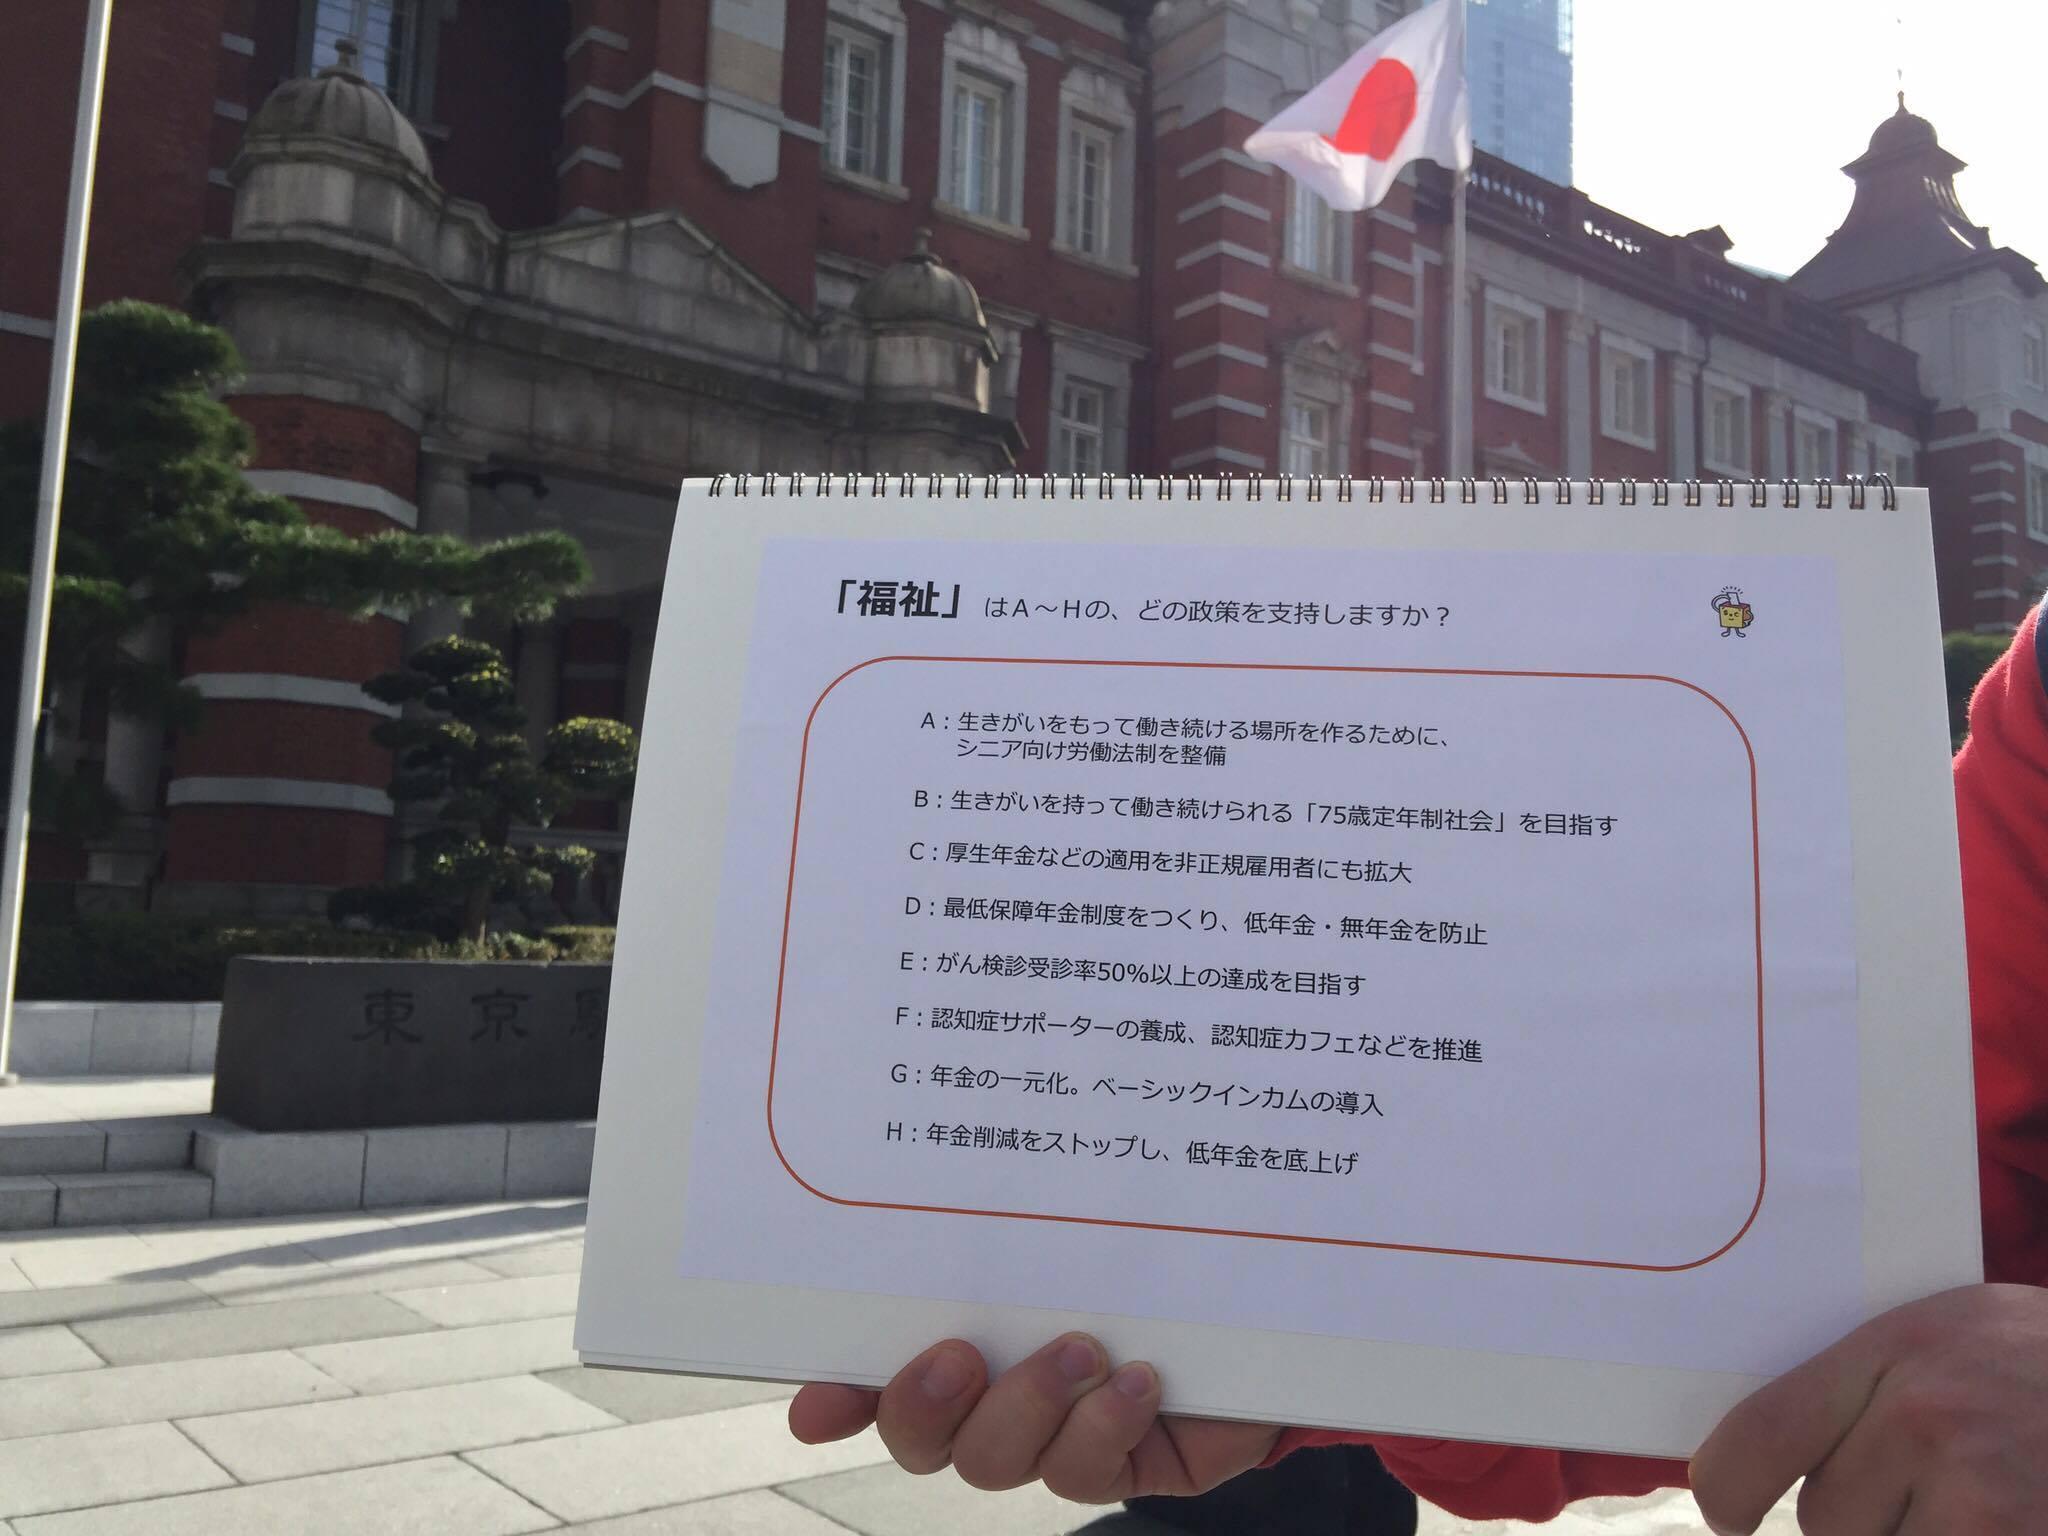 (東京駅にて。地方から出張に来ていた会社員の方々などにお答えいただきました)